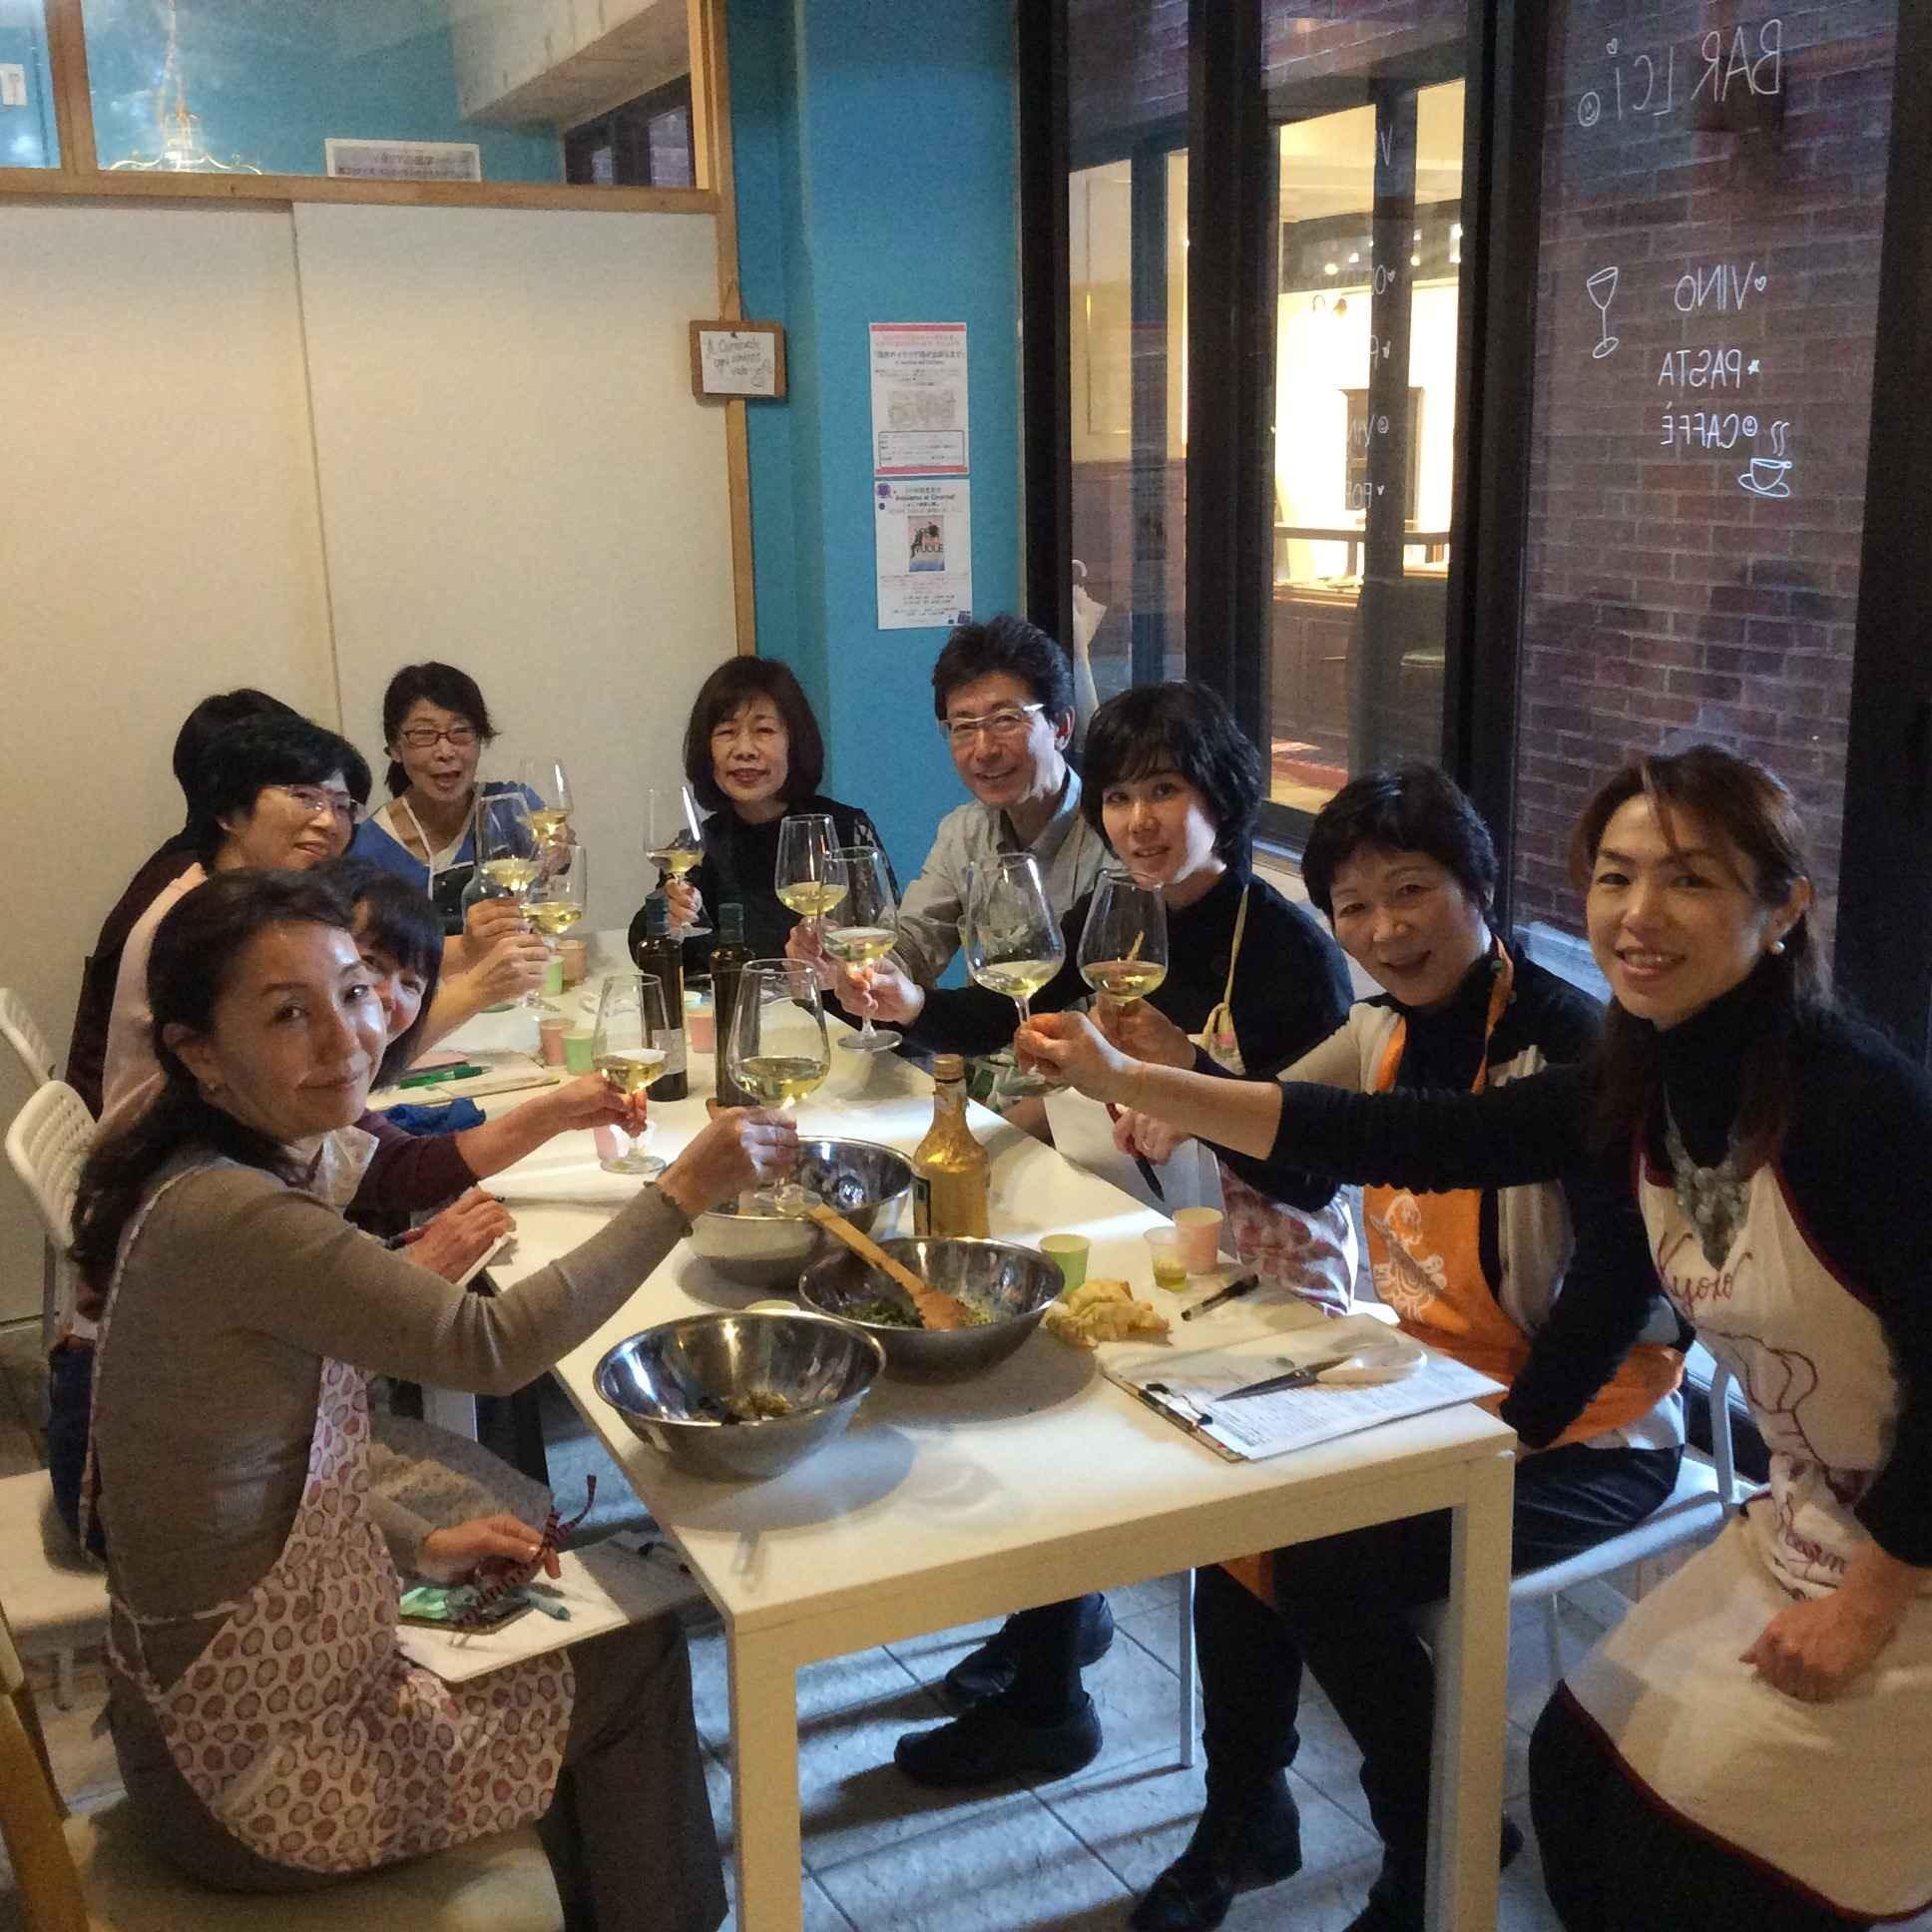 イタリア郷土料理とワイン講座